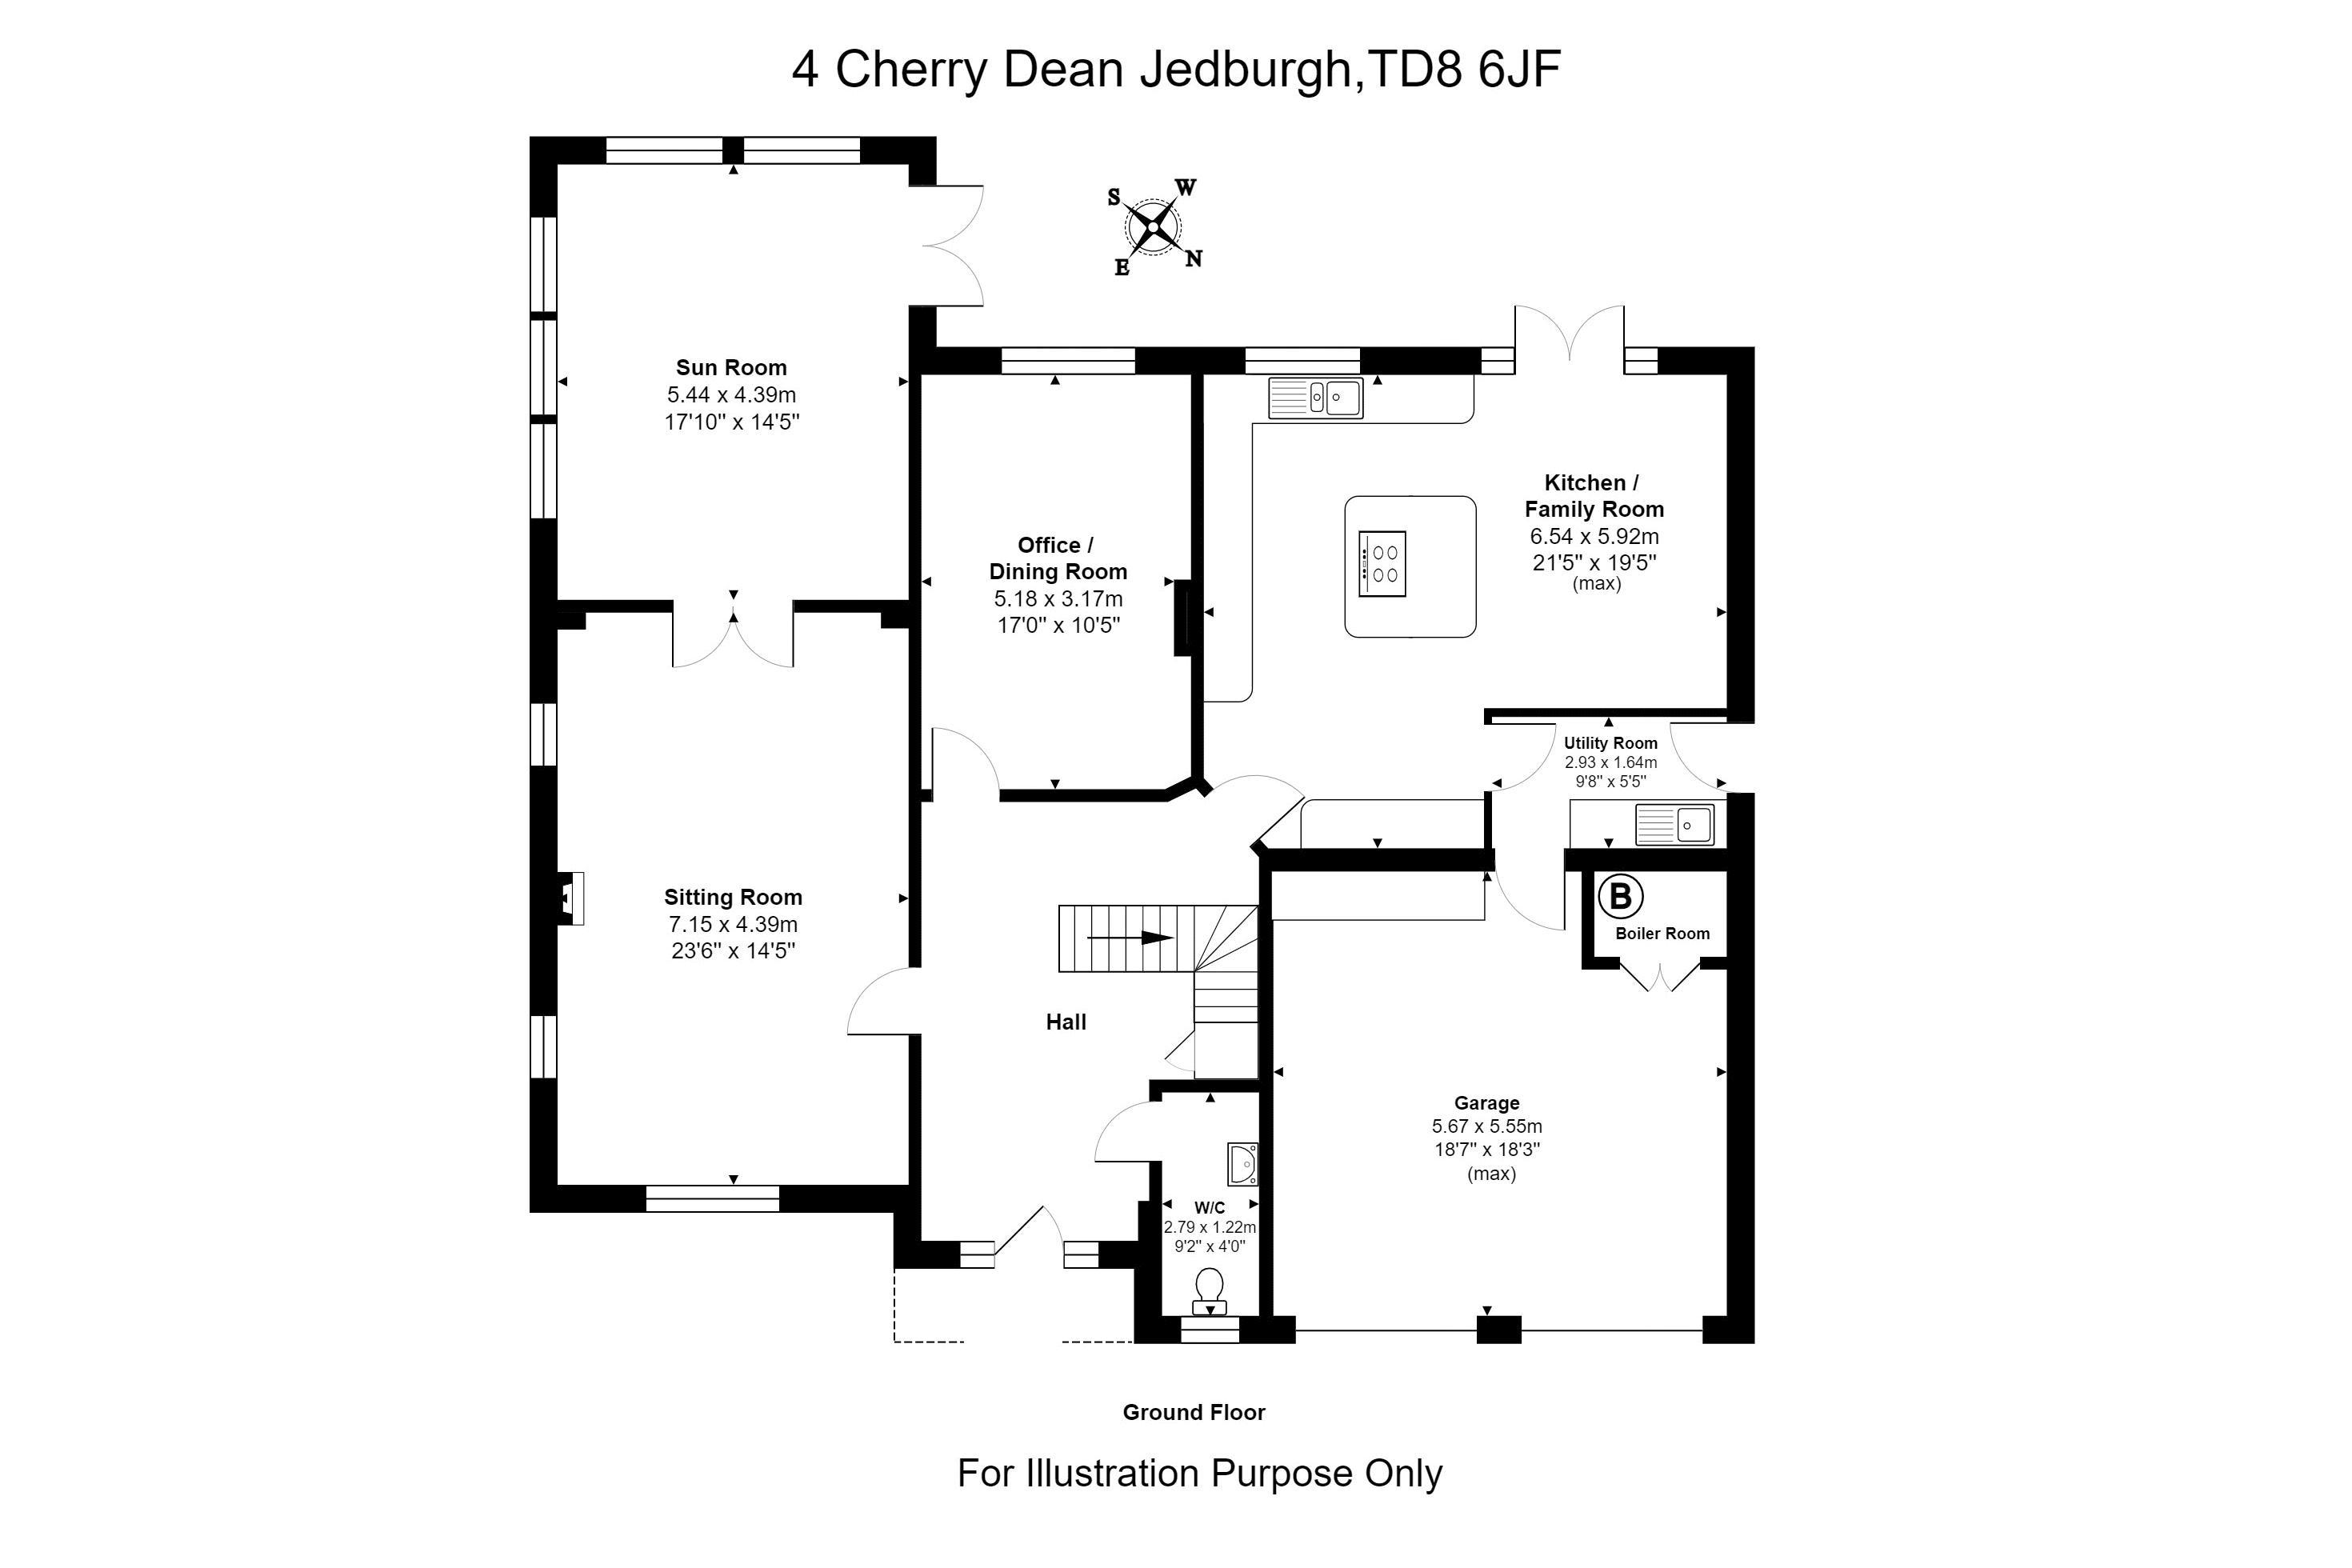 4 Cherry Dean Ground Floor